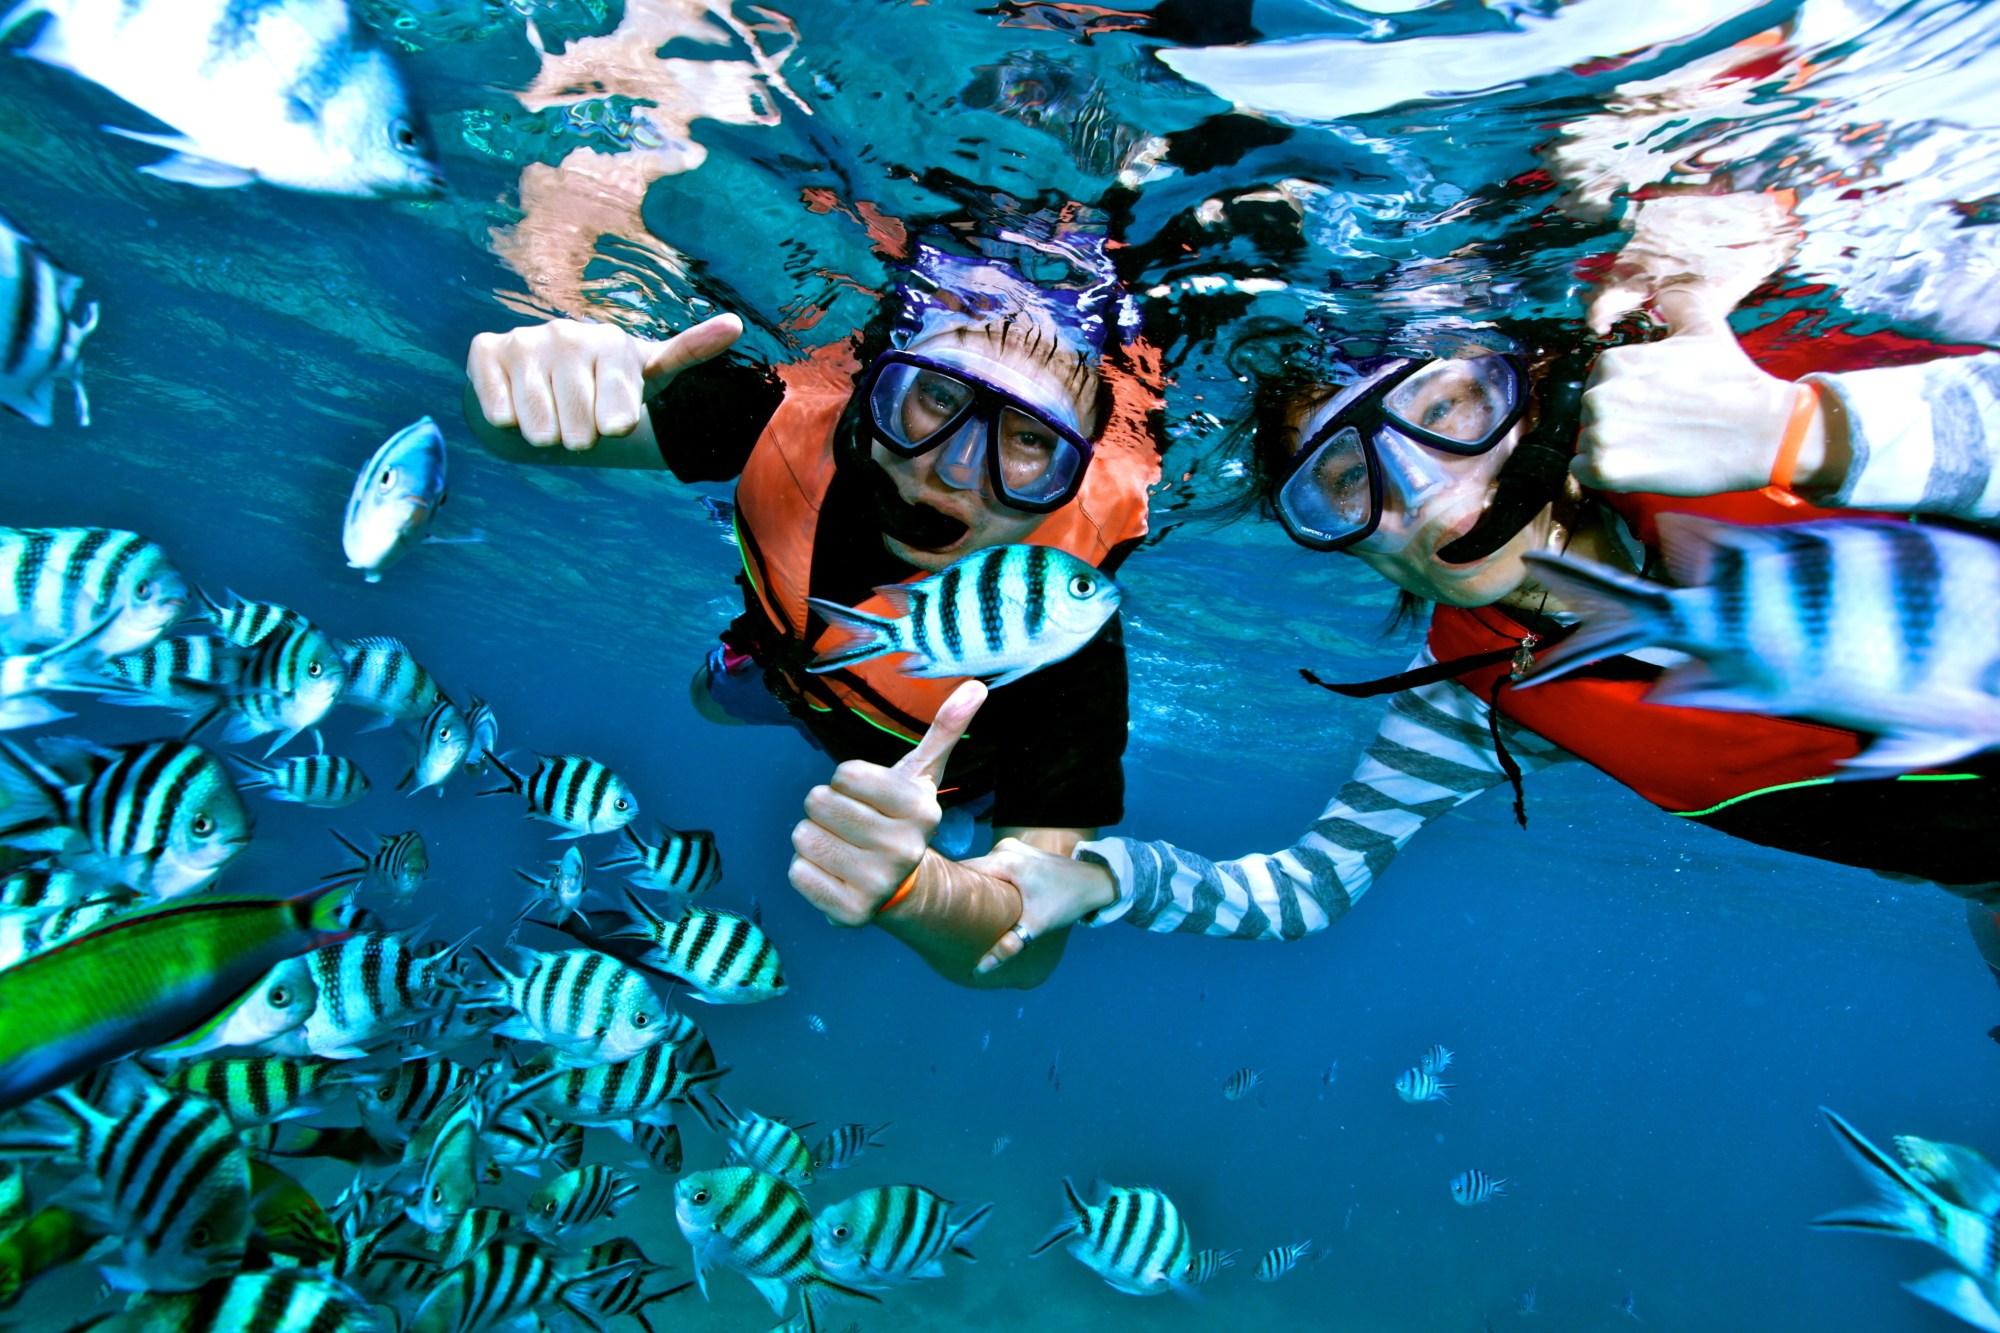 และนีีคือหนึ่งในเหตุผลที่ตัวดำเกรียมกลับมา ดำนำ้ดูปะการังชมปลาทะเลอย่างเมามัน พร้อมๆกับญาติๆพี่ๆน้องๆทั้งหลาย ต้องกลับไปอีกแน่นอน  แต่ที่อยากได้มากที่สุดก็คือกล้องถ่ายรูปใต้นำ้ที่ตากล้องใช้อะ Canon EOS 5D Mark II กับเลนส์ Canon EF 16-35mm f/2.8 L II